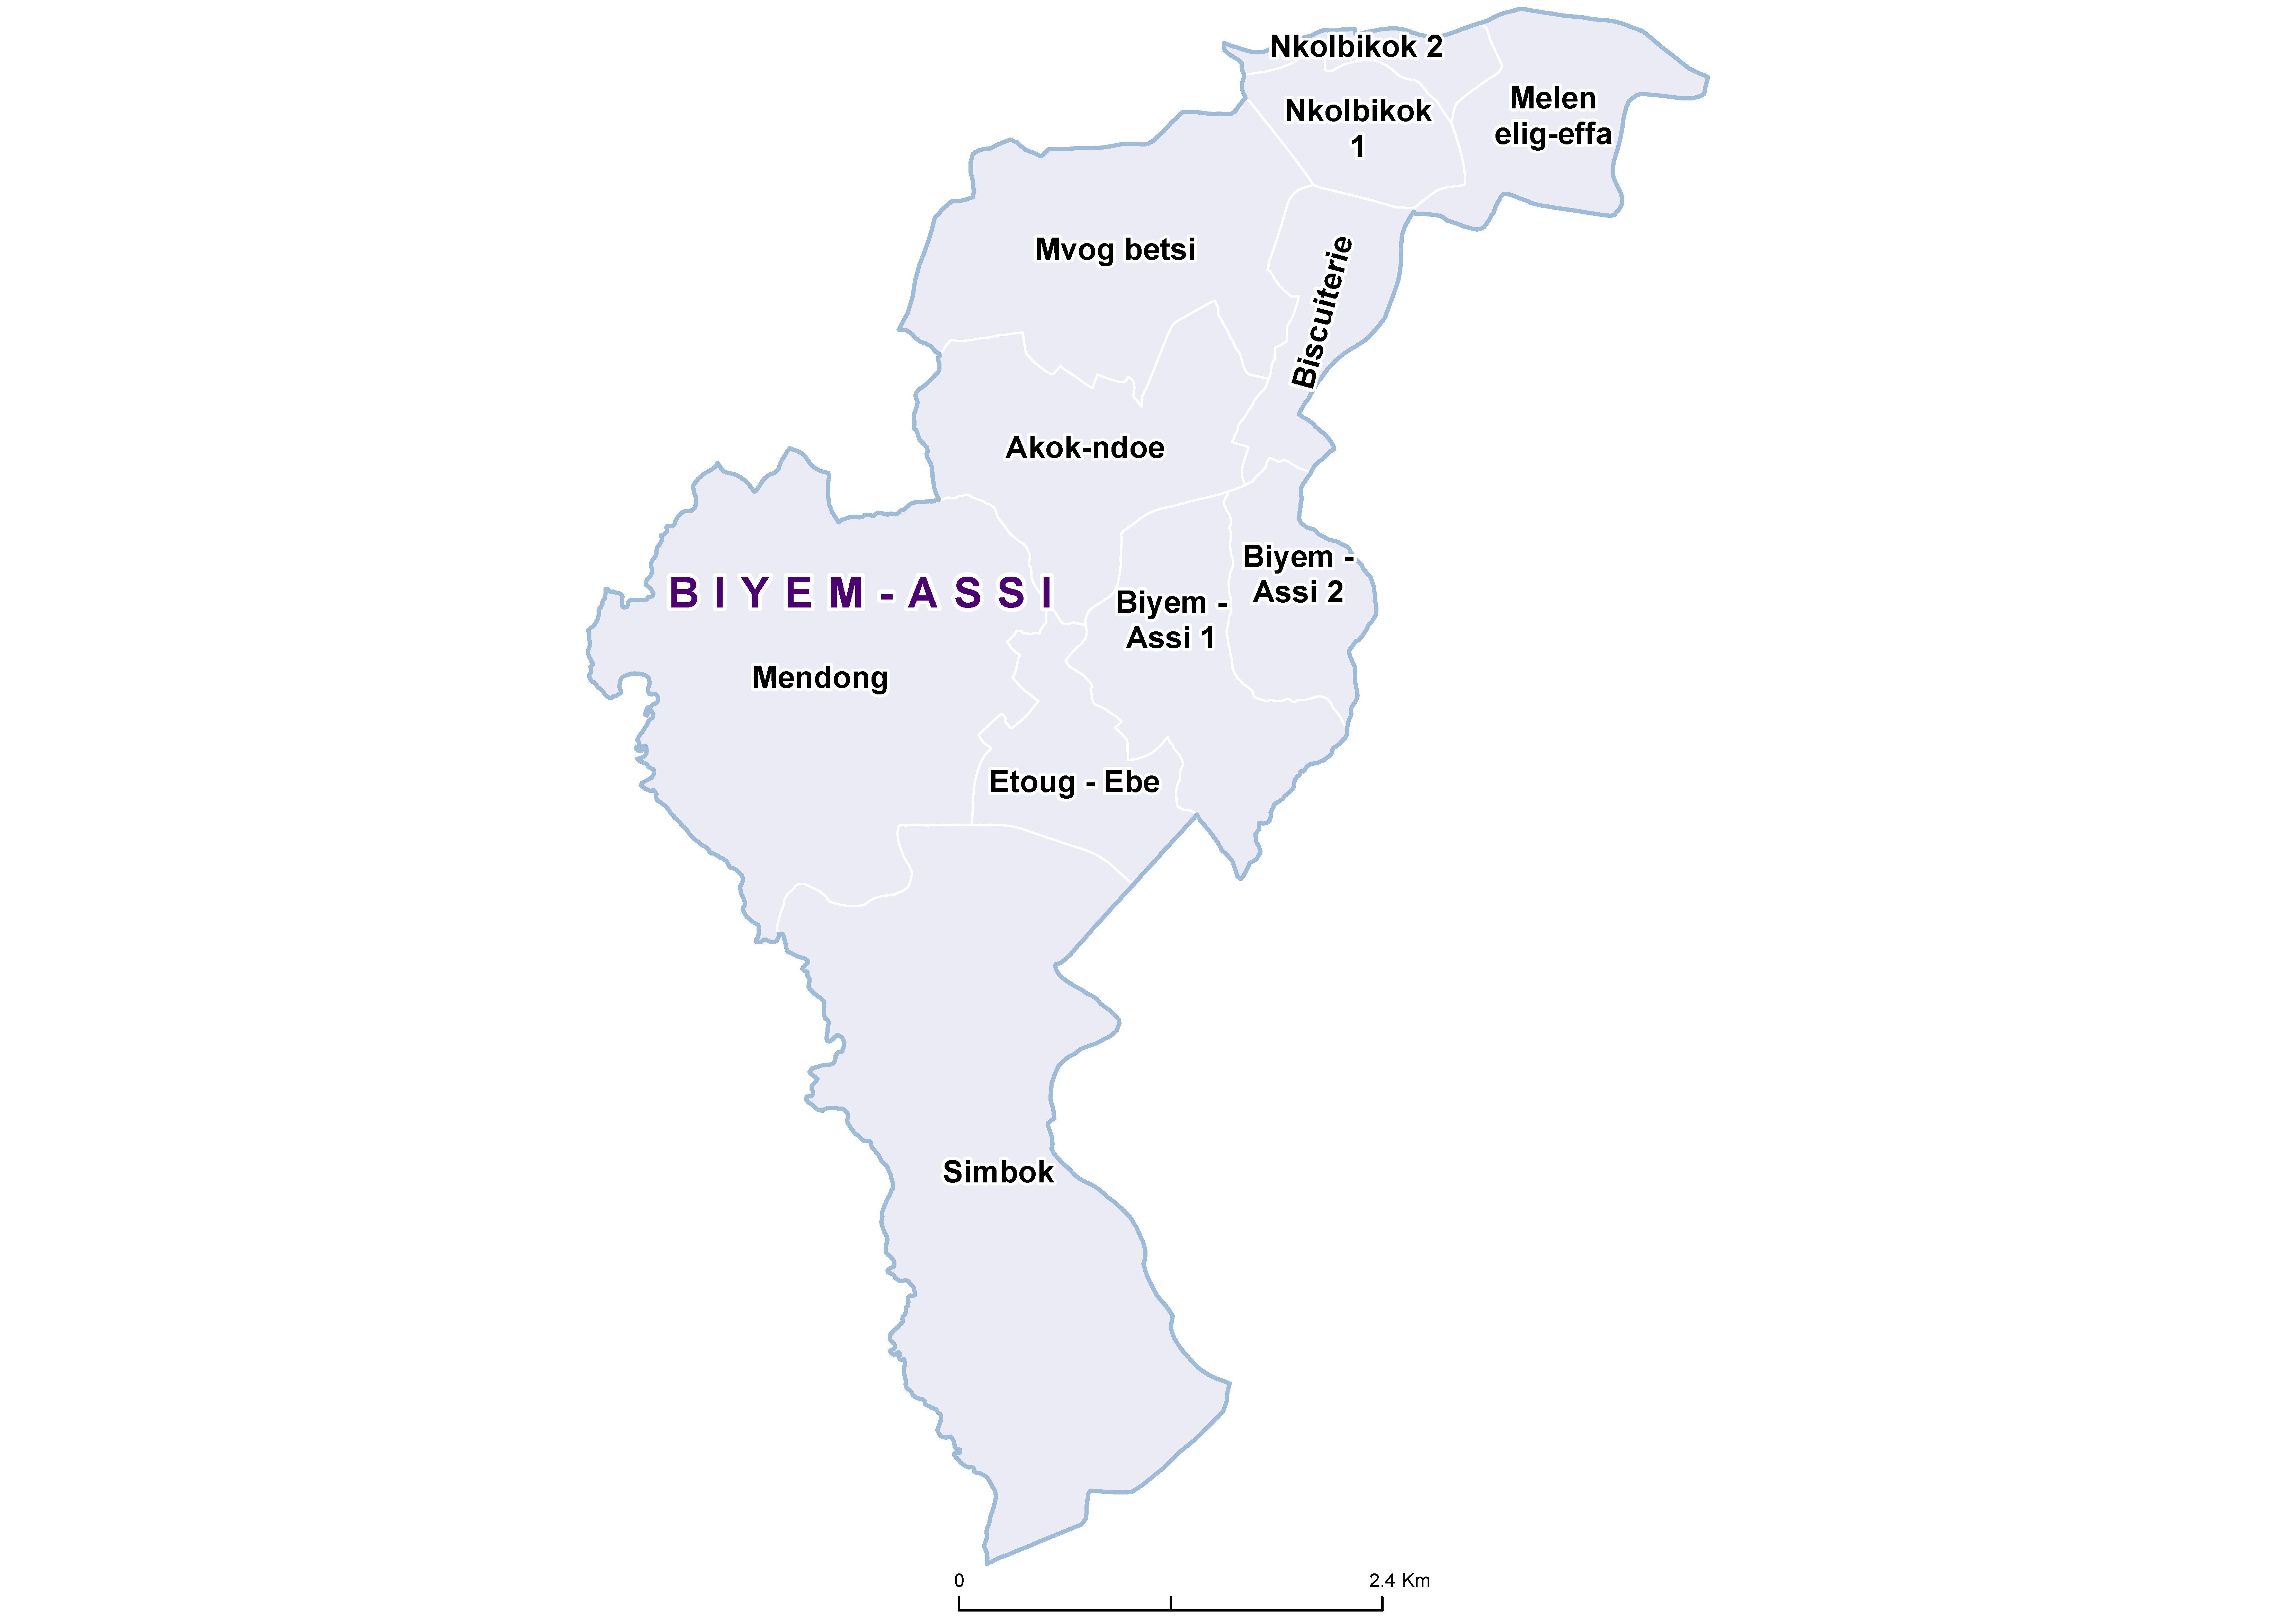 Biyem-assi STH 19850001